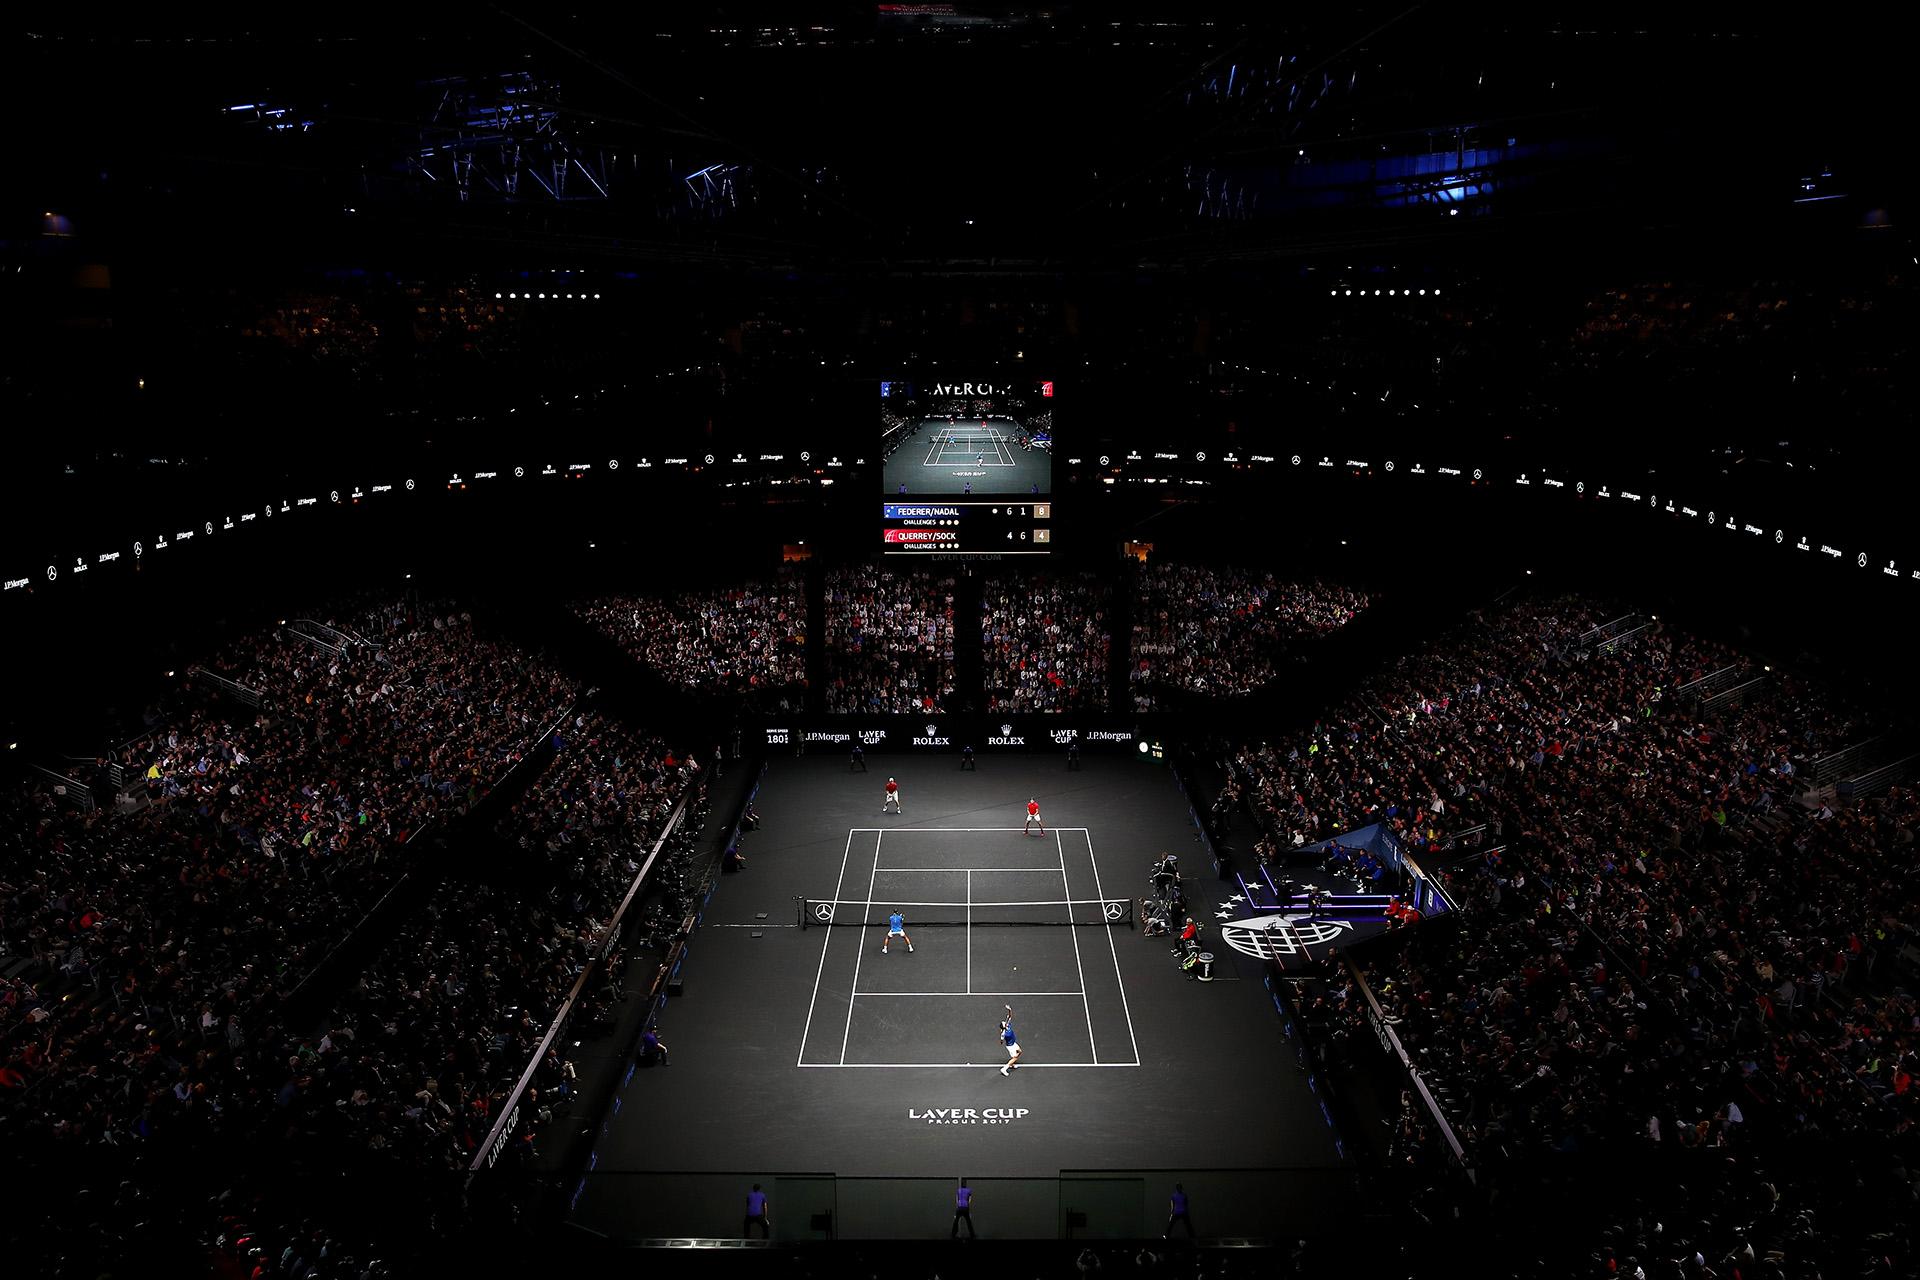 LaLaver Cupfue creda porla agencia Team 8, encabezada porRoger Federer